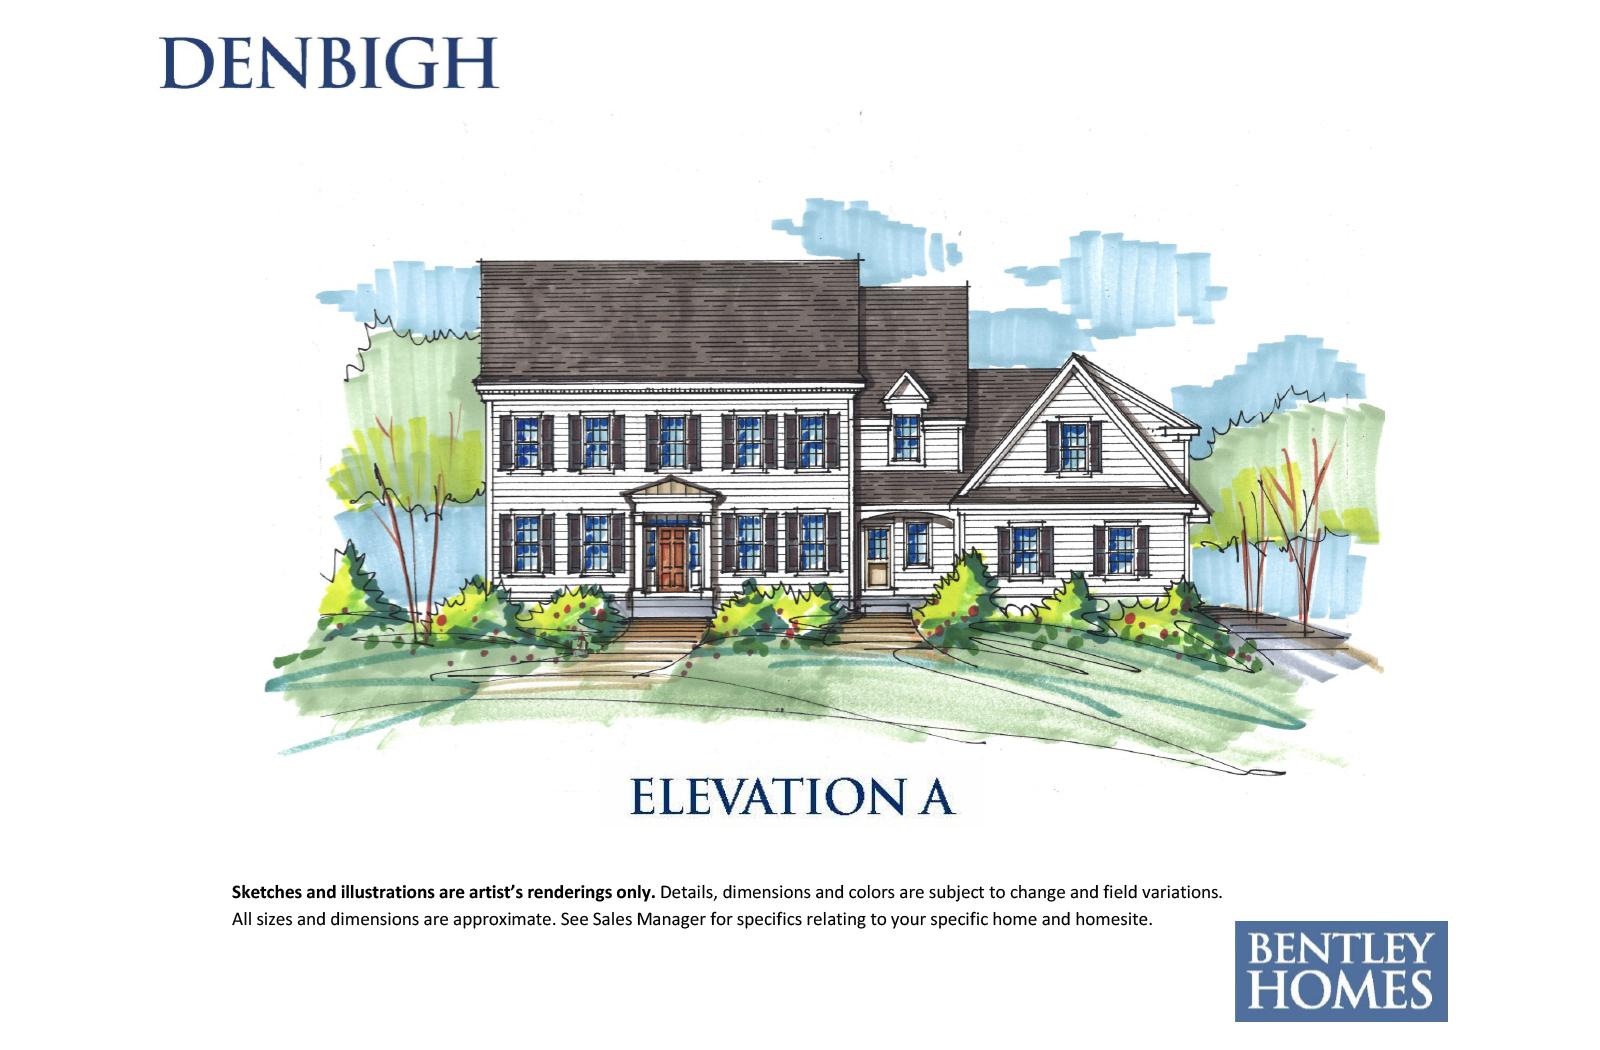 Denbigh illustration of elevation A for Bentley Homes.